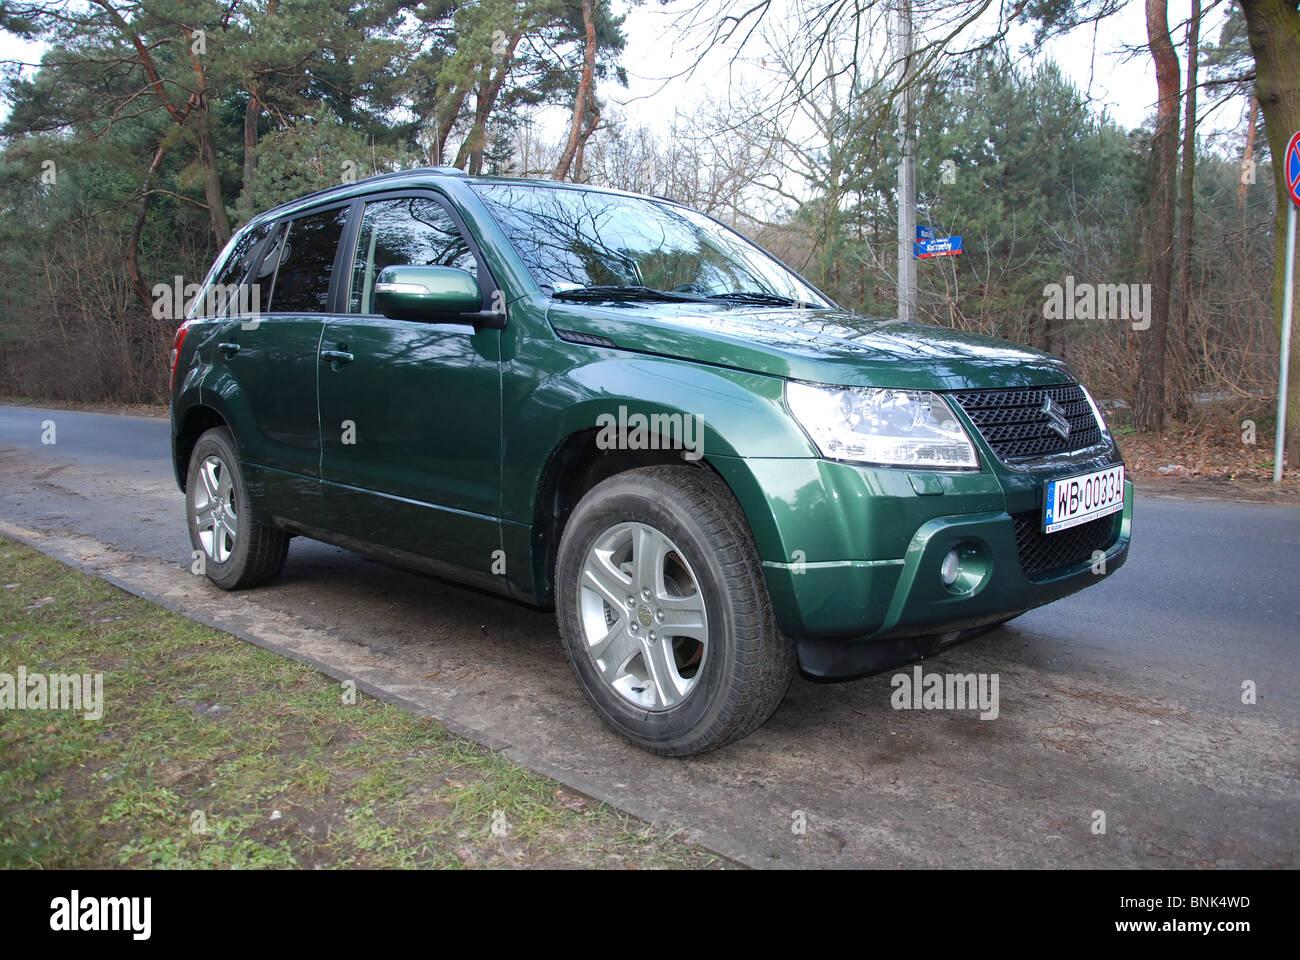 Suzuki Grandvitara 2 4 4x4 My 2009 Fl Green Metallic Japanese Stock Photo Alamy